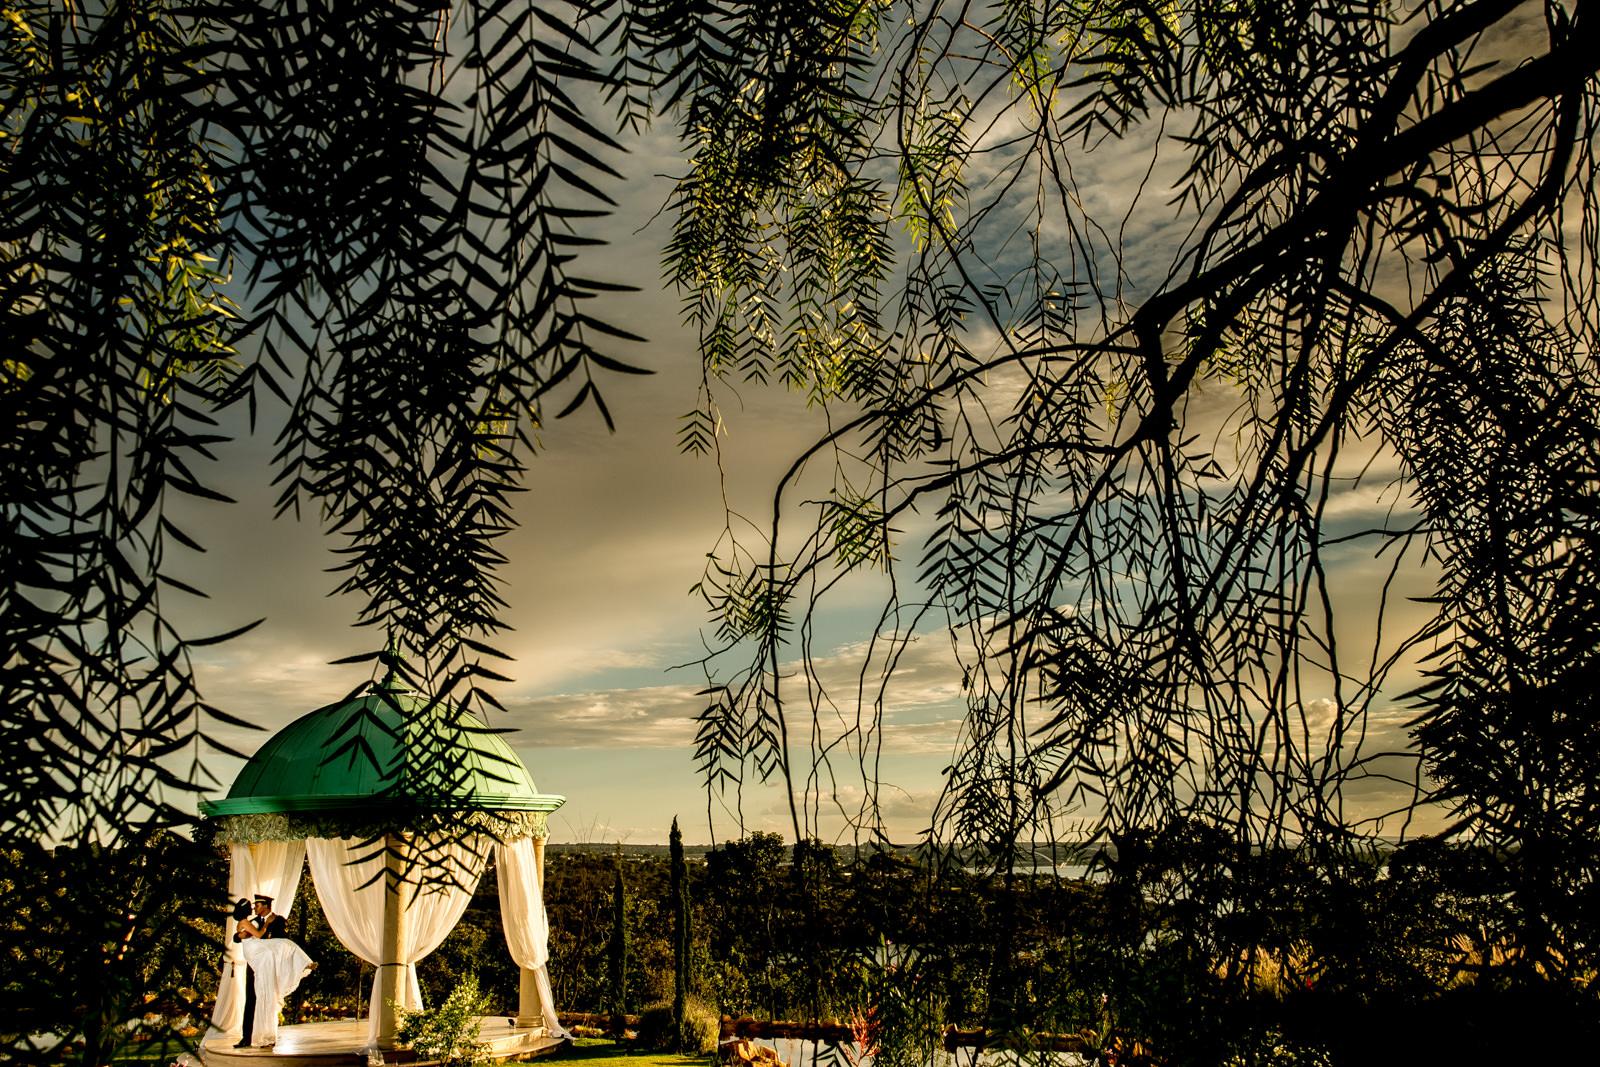 Contate Sandro Andrade Fotografo de Casamentos em Brasilia-DF